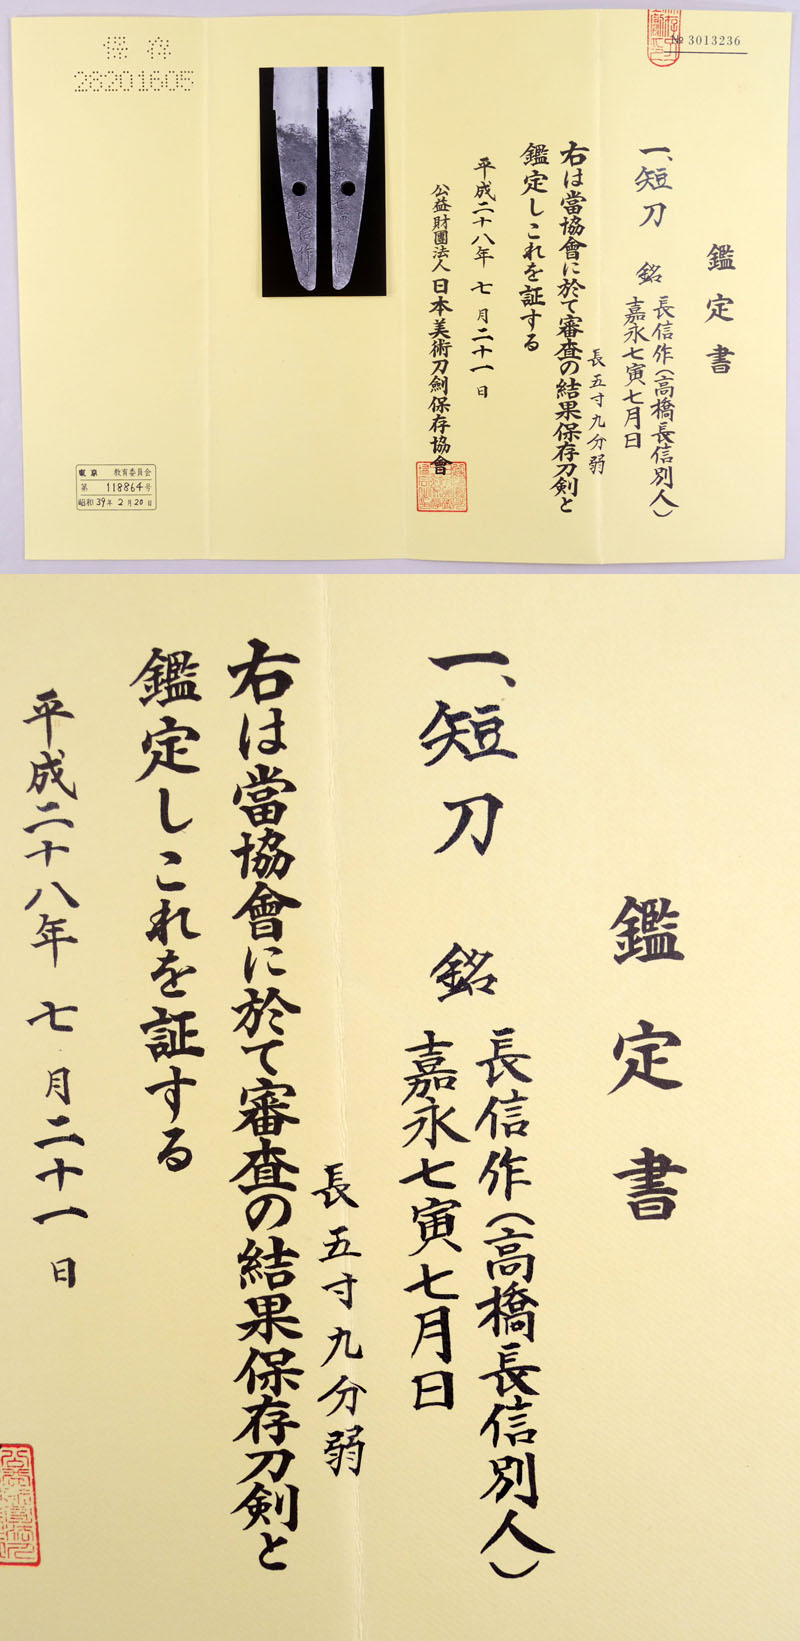 長信作(高橋長信別人) Picture of Certificate